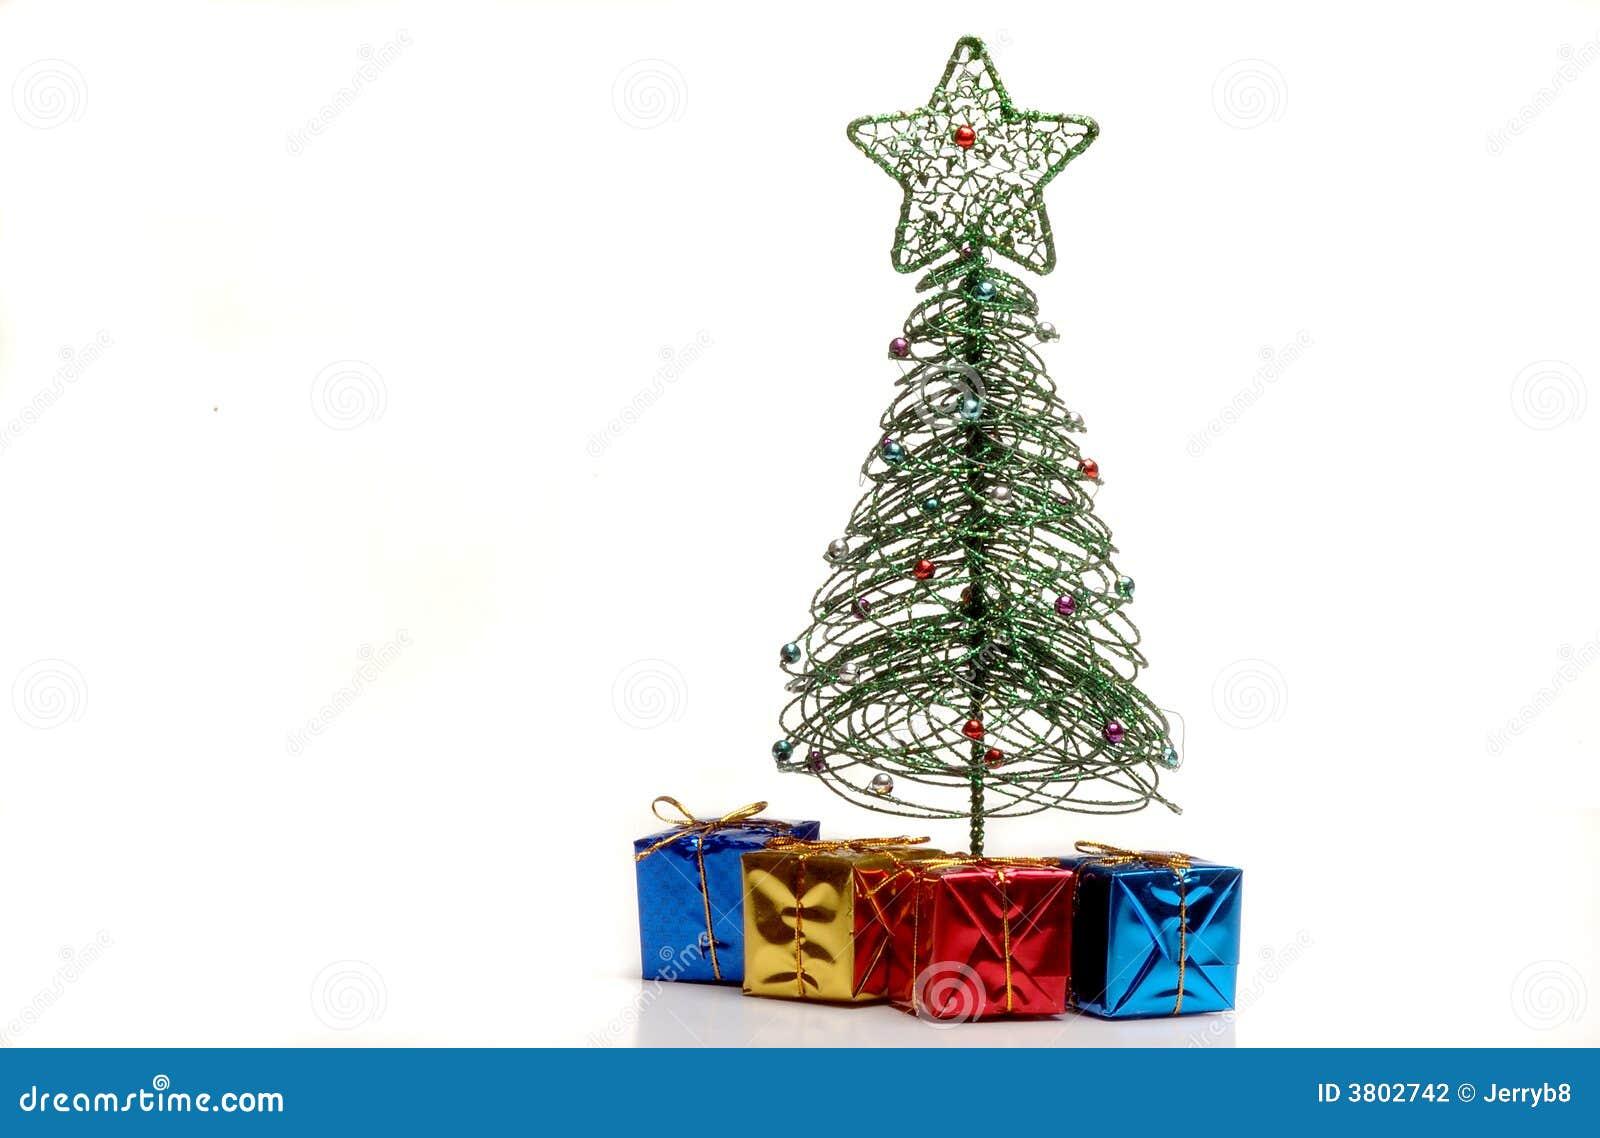 Regalos bajo el rbol de navidad foto de archivo imagen for Fotos arbol navidad